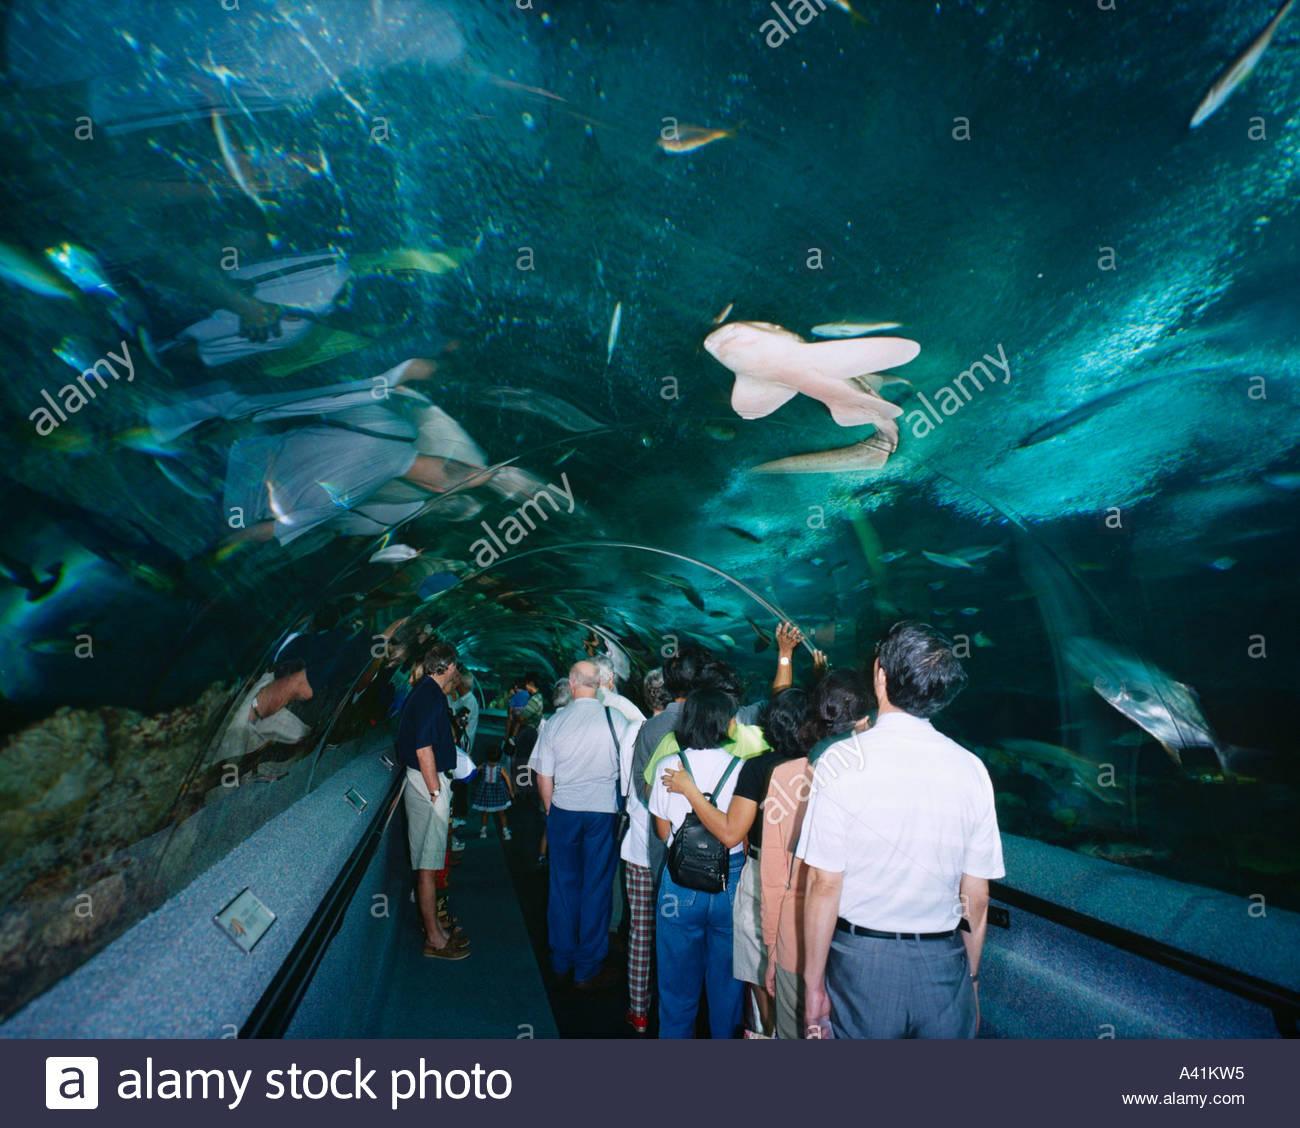 Fish aquarium in sentosa - Stock Photo Underwater World Sentosa Island Singapore Aquarium People Fish Arch